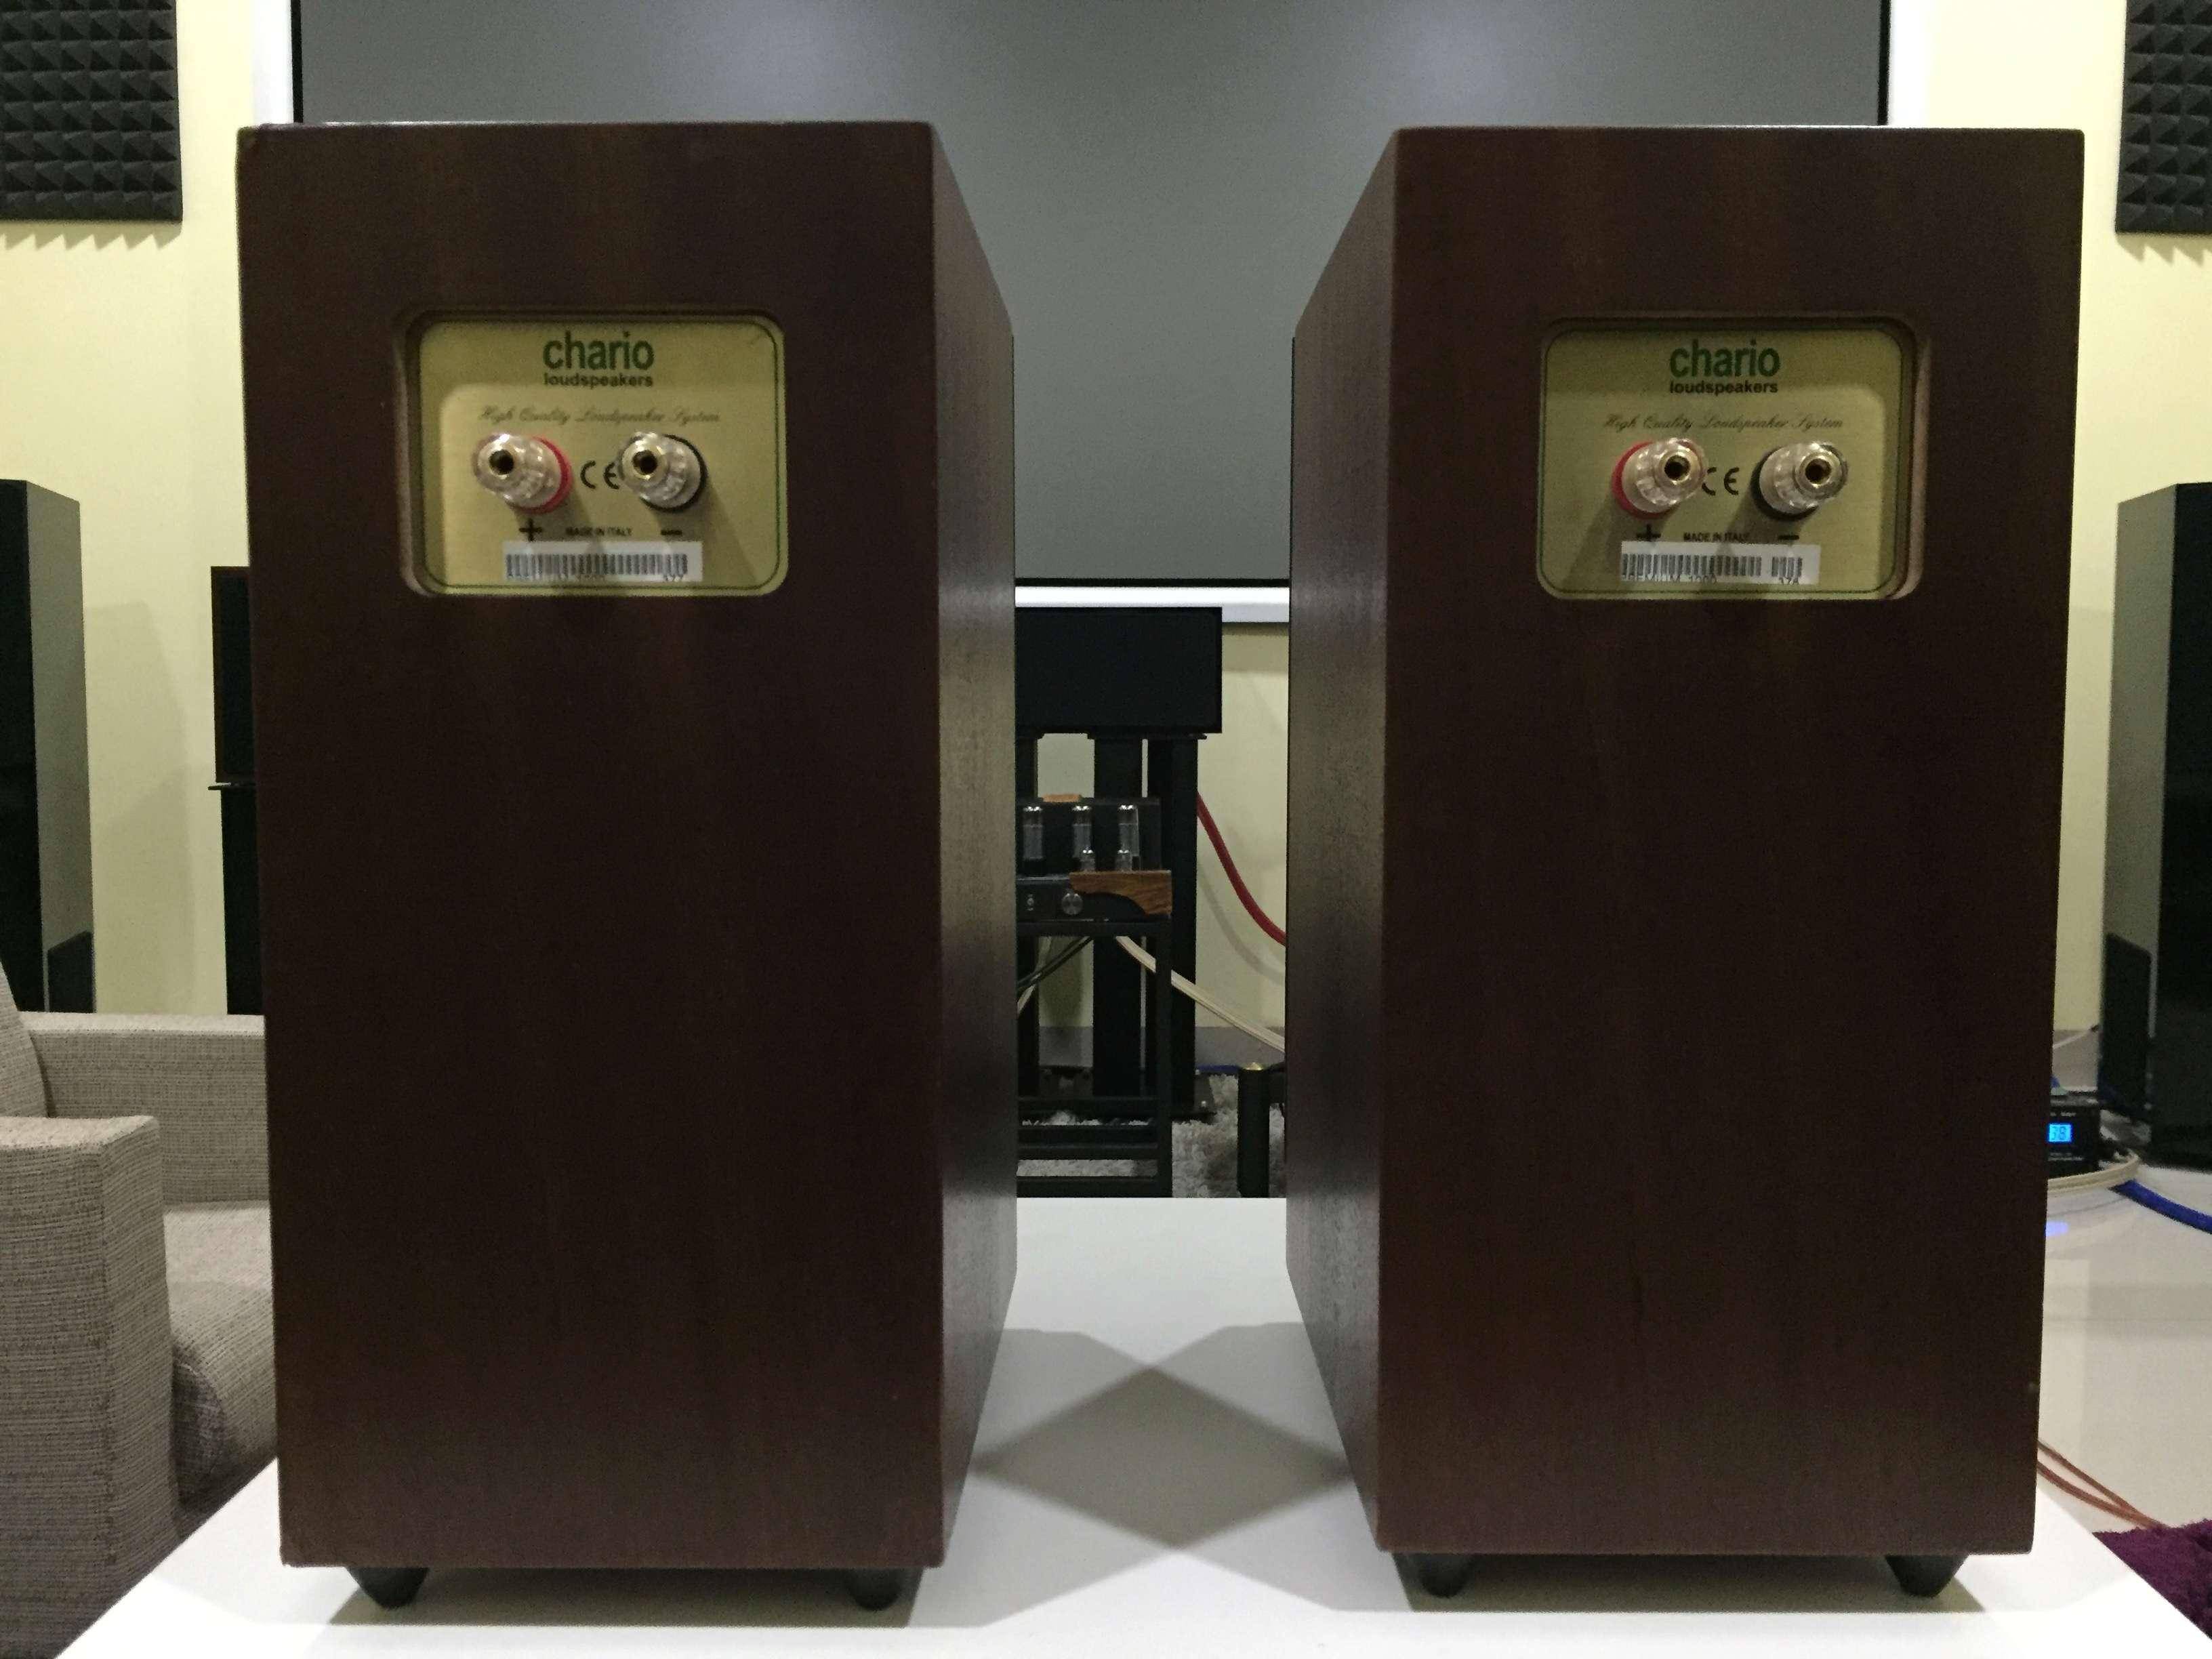 Chario Premium 1000 speaker ( Sold) 311